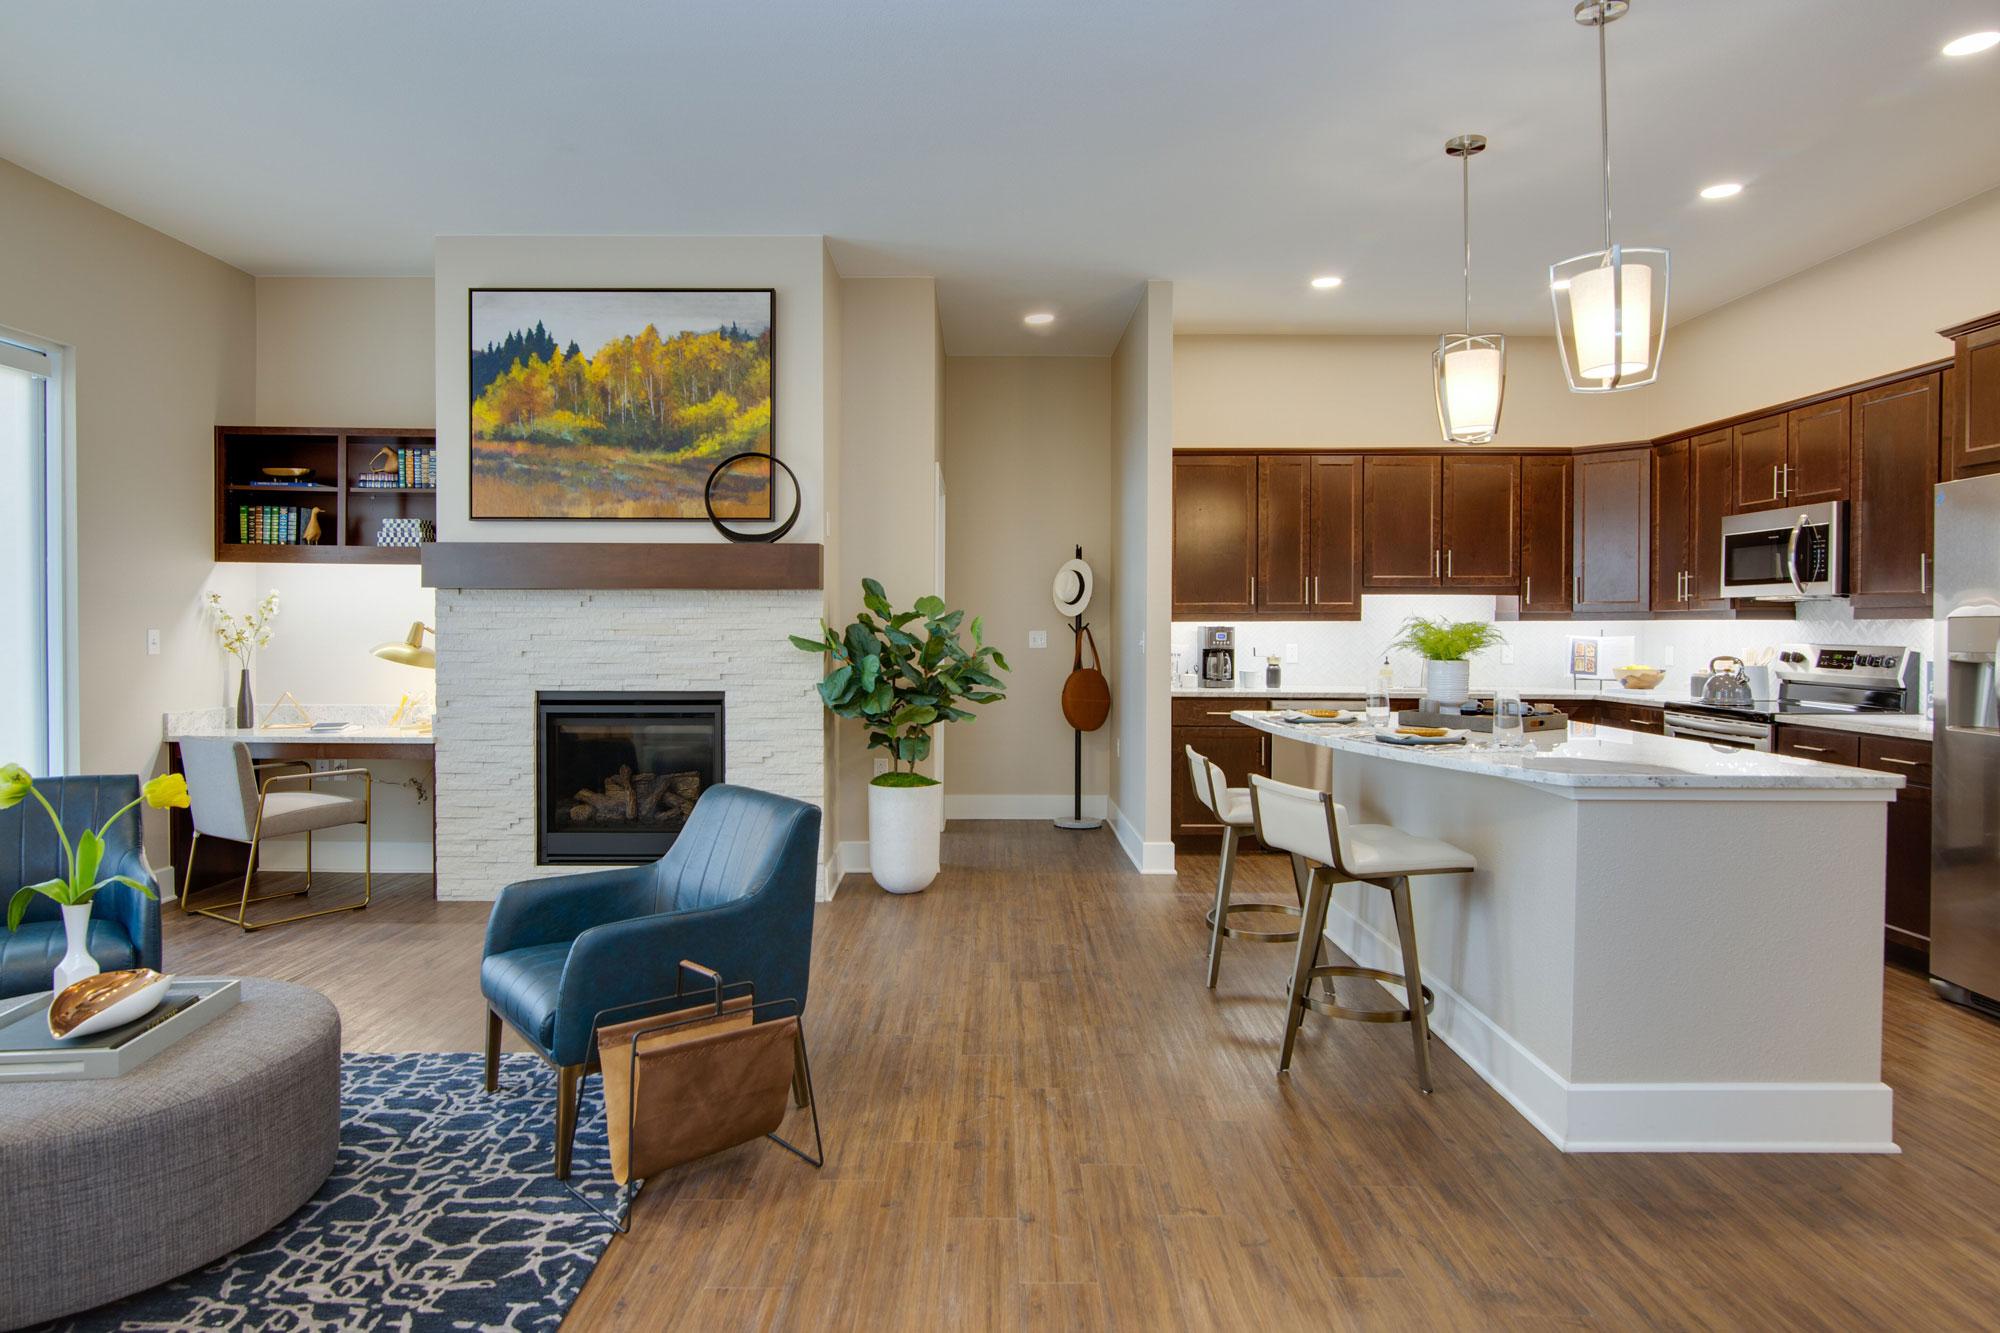 Pinehurst residence interior